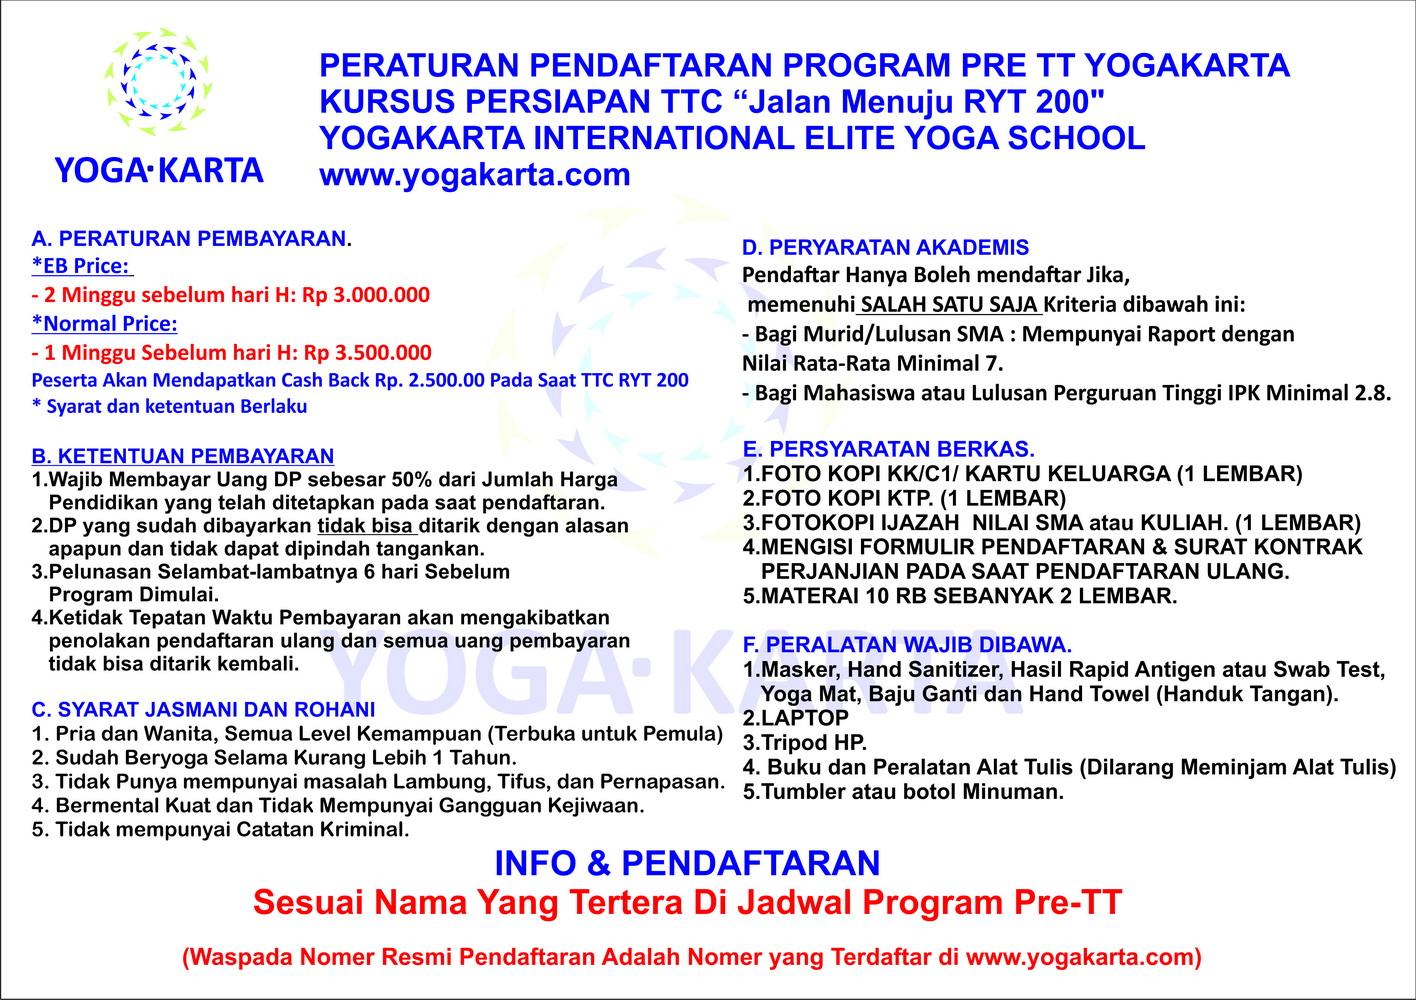 Peraturan Pendaftaran Pelatihan Pre TT Yogakarta